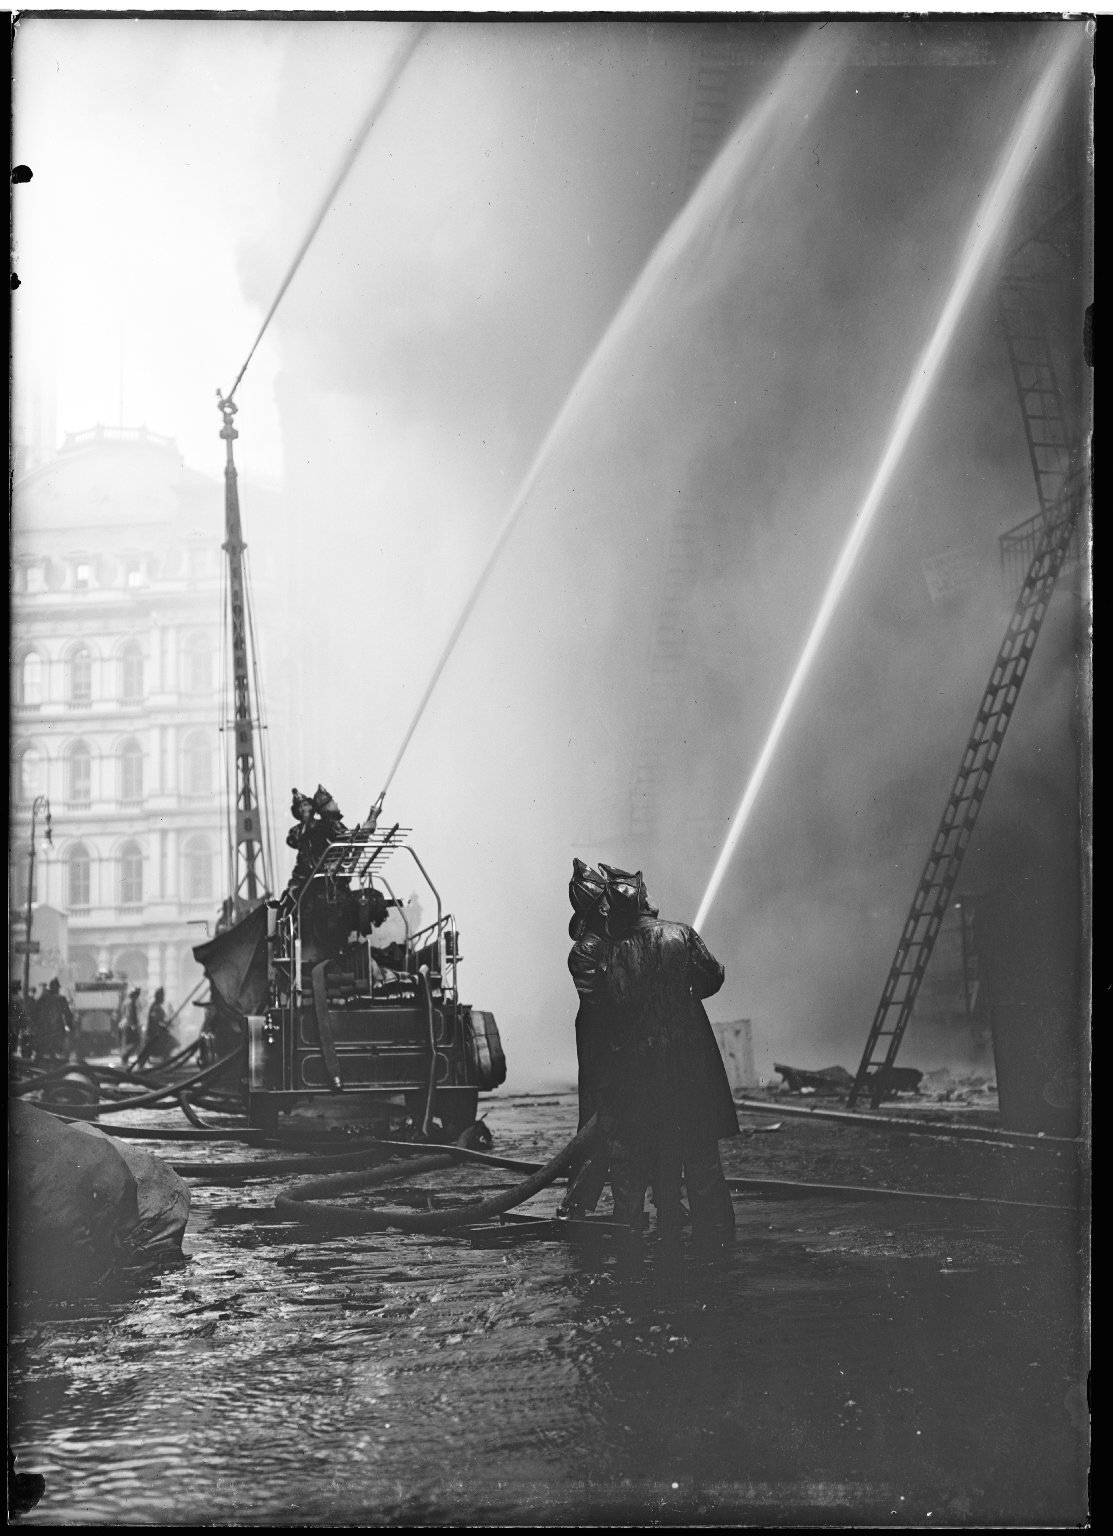 Тушение пожара около мэрии. Водяная башня и автонасос. Нью-Йорк, США. 1920-е